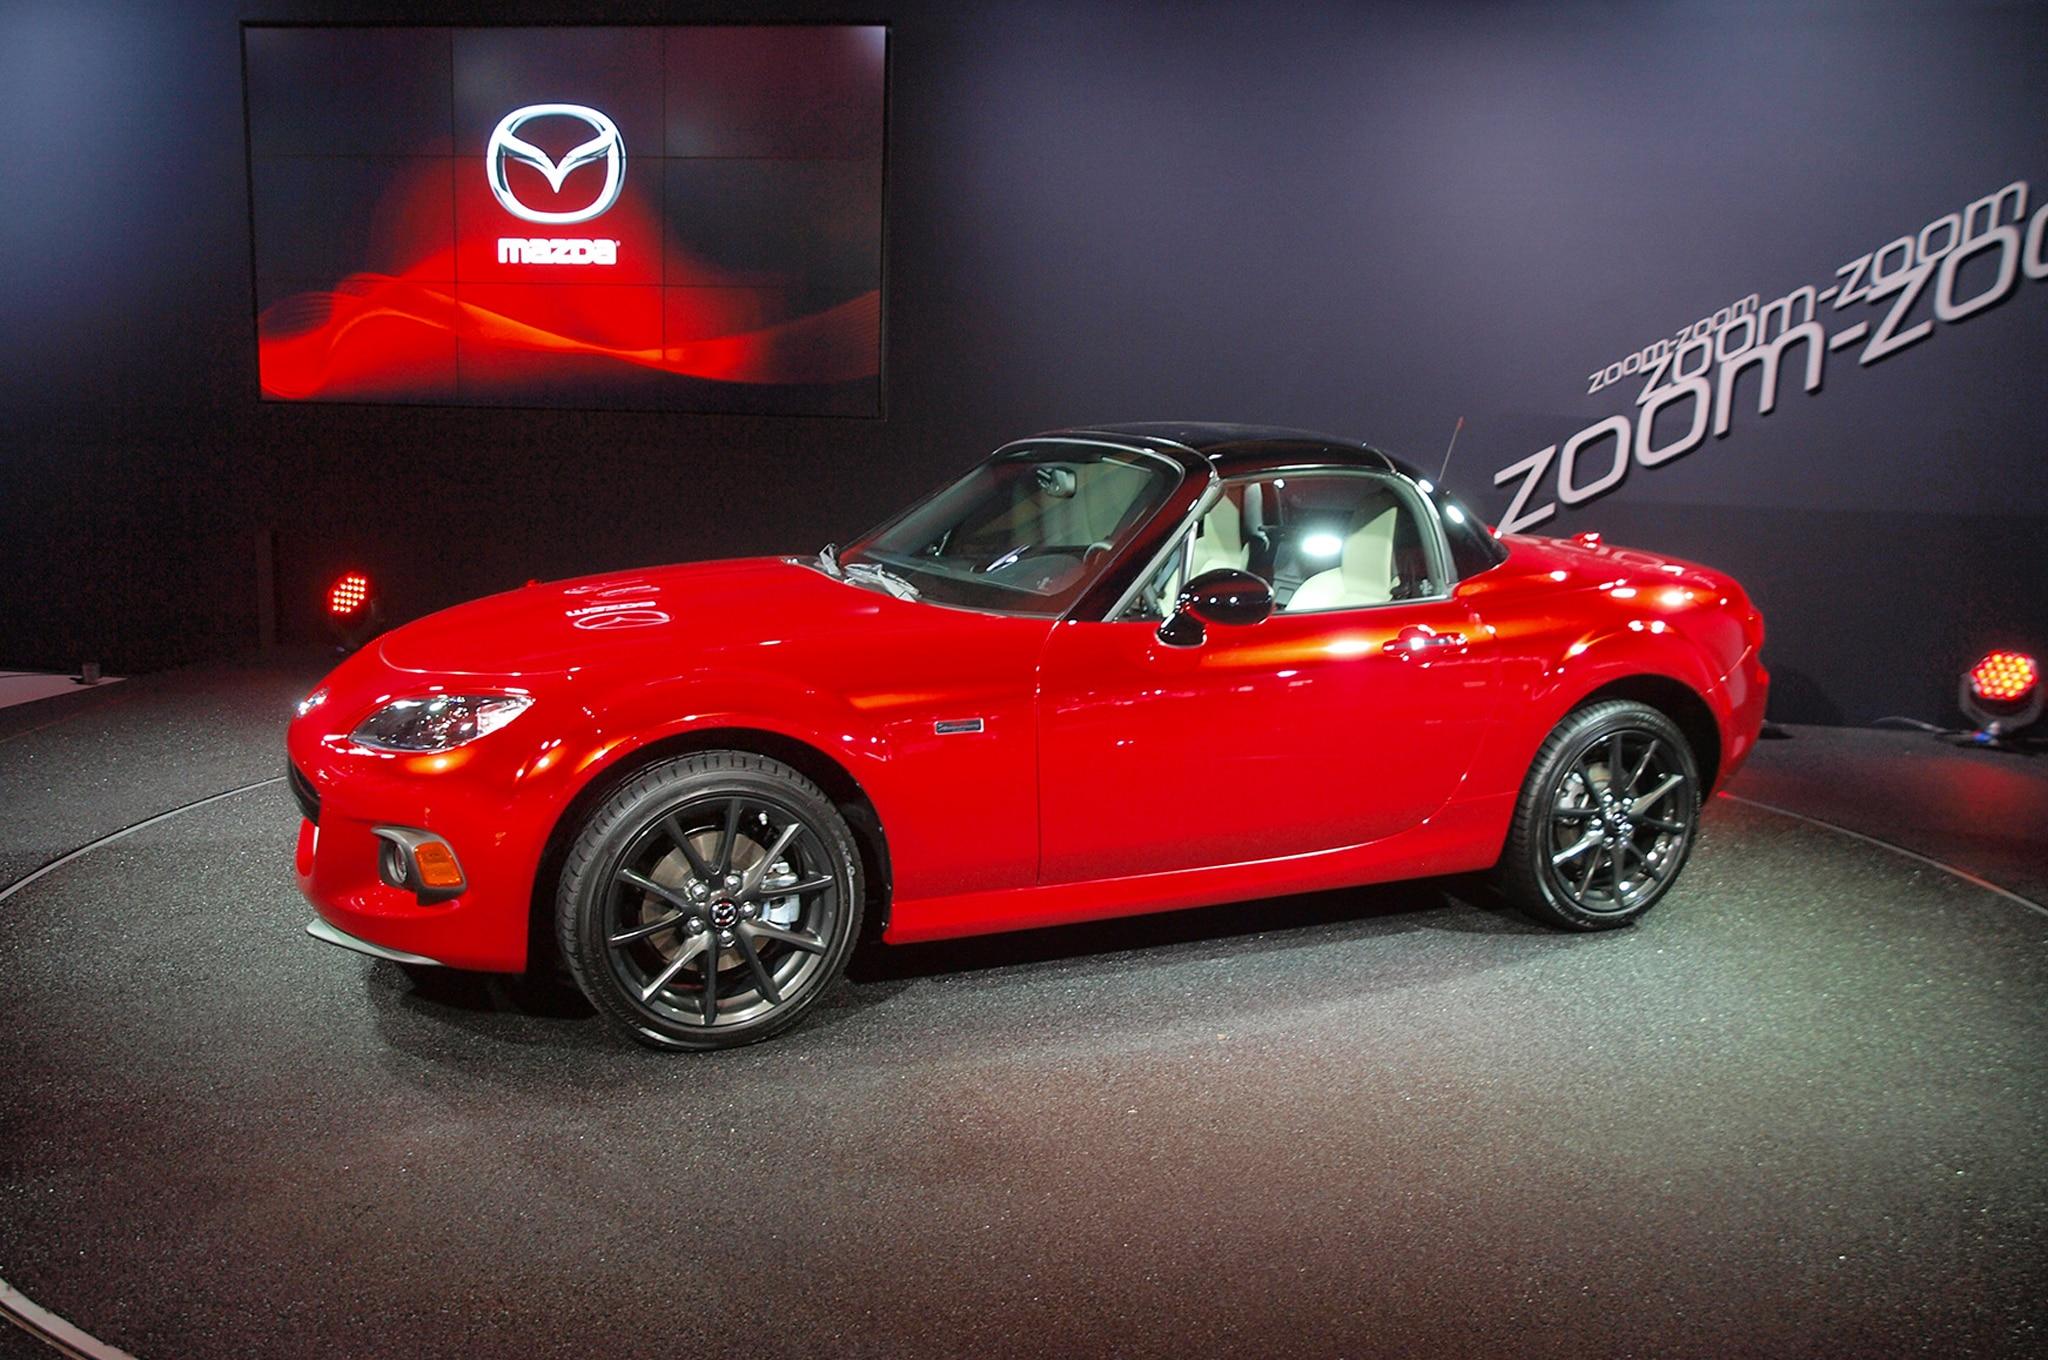 2015 Mazda Miata 25 Year Anniversary Edition Front Three Quarter2